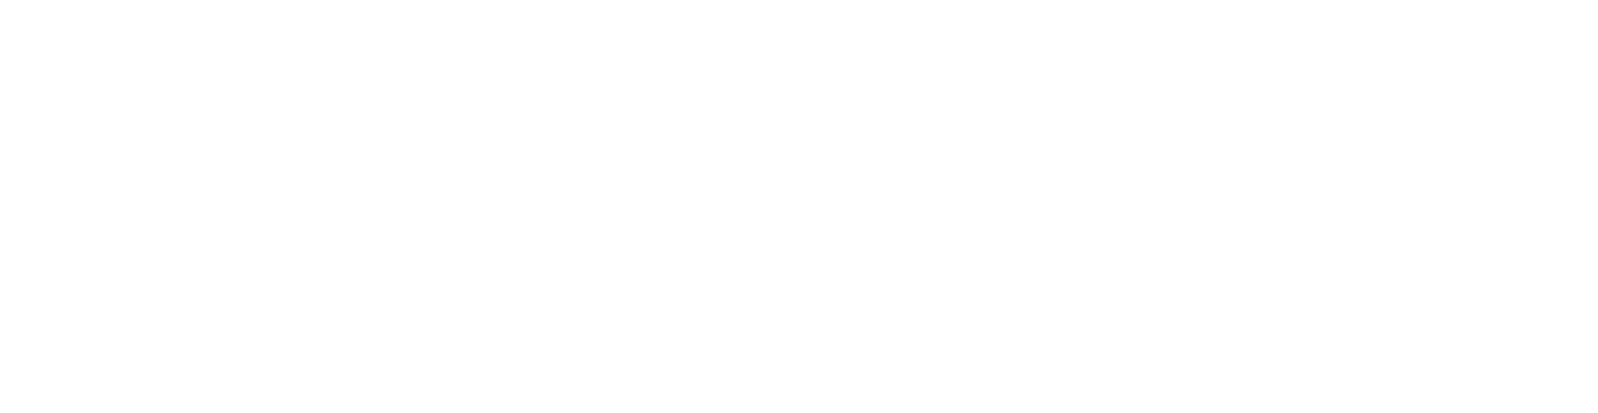 B&O RETAIL Winkelvastgoed specialist | B&O Retail